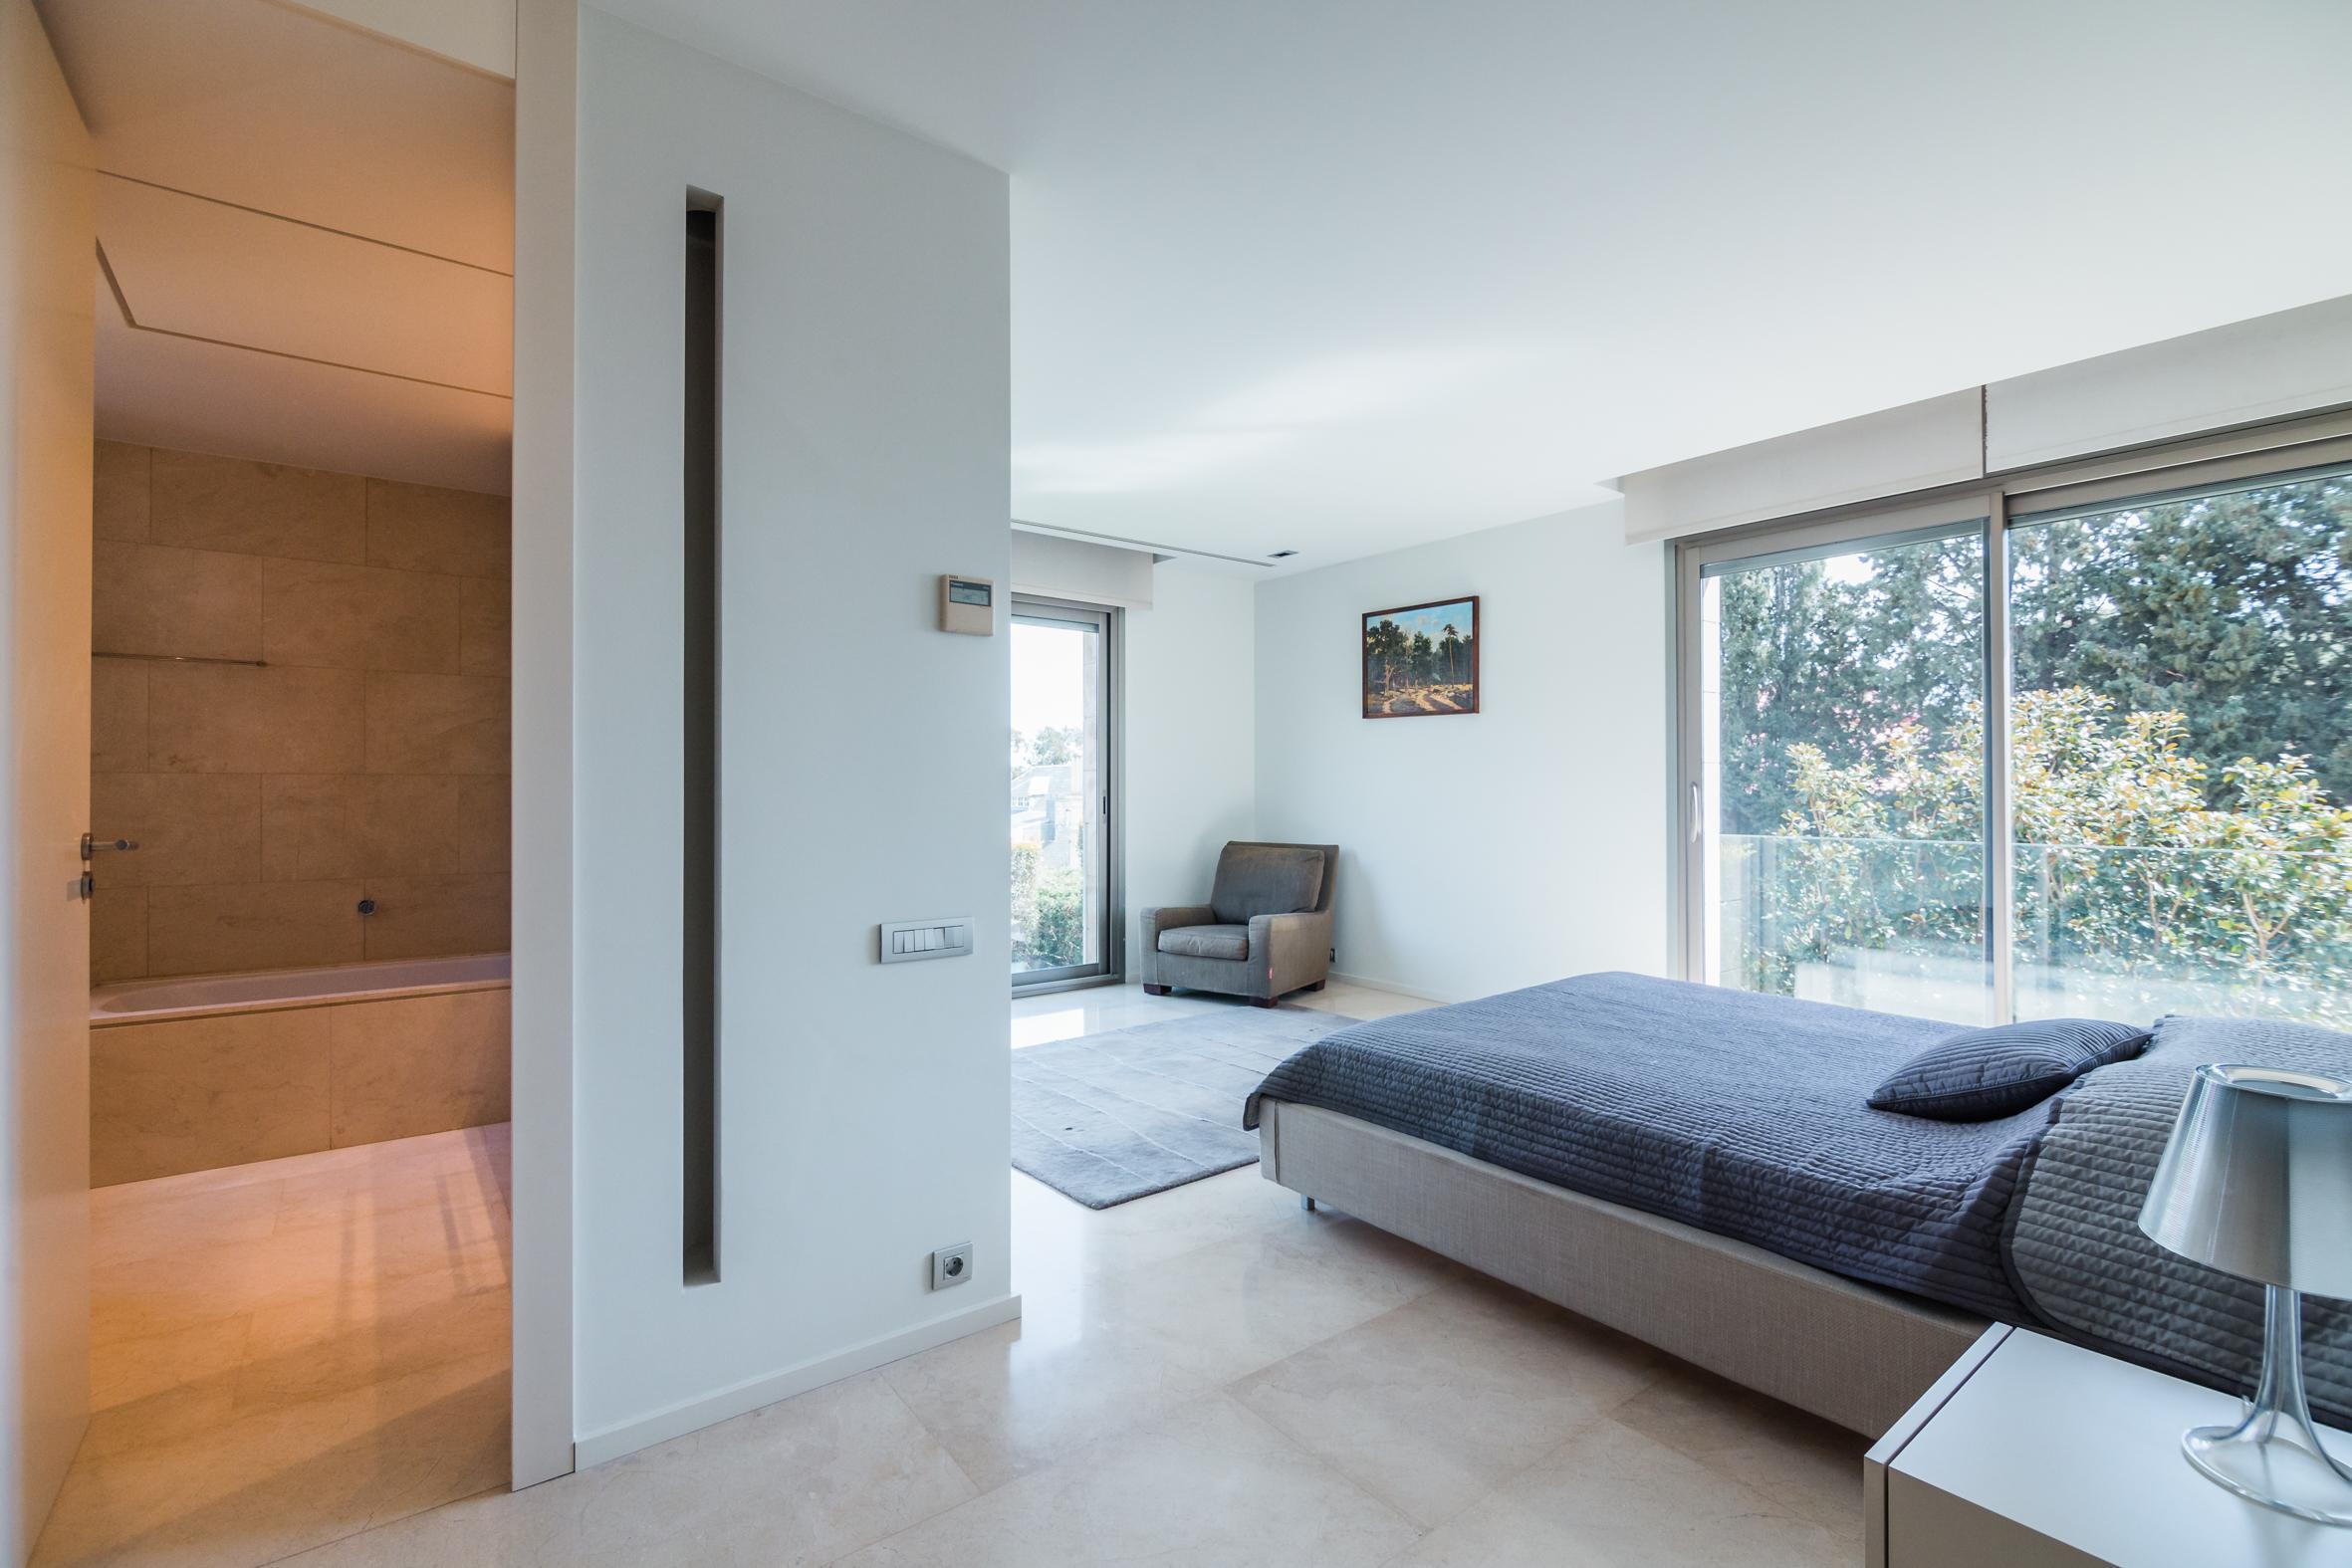 204447 Casa en venda en Les Corts, Pedralbes 12